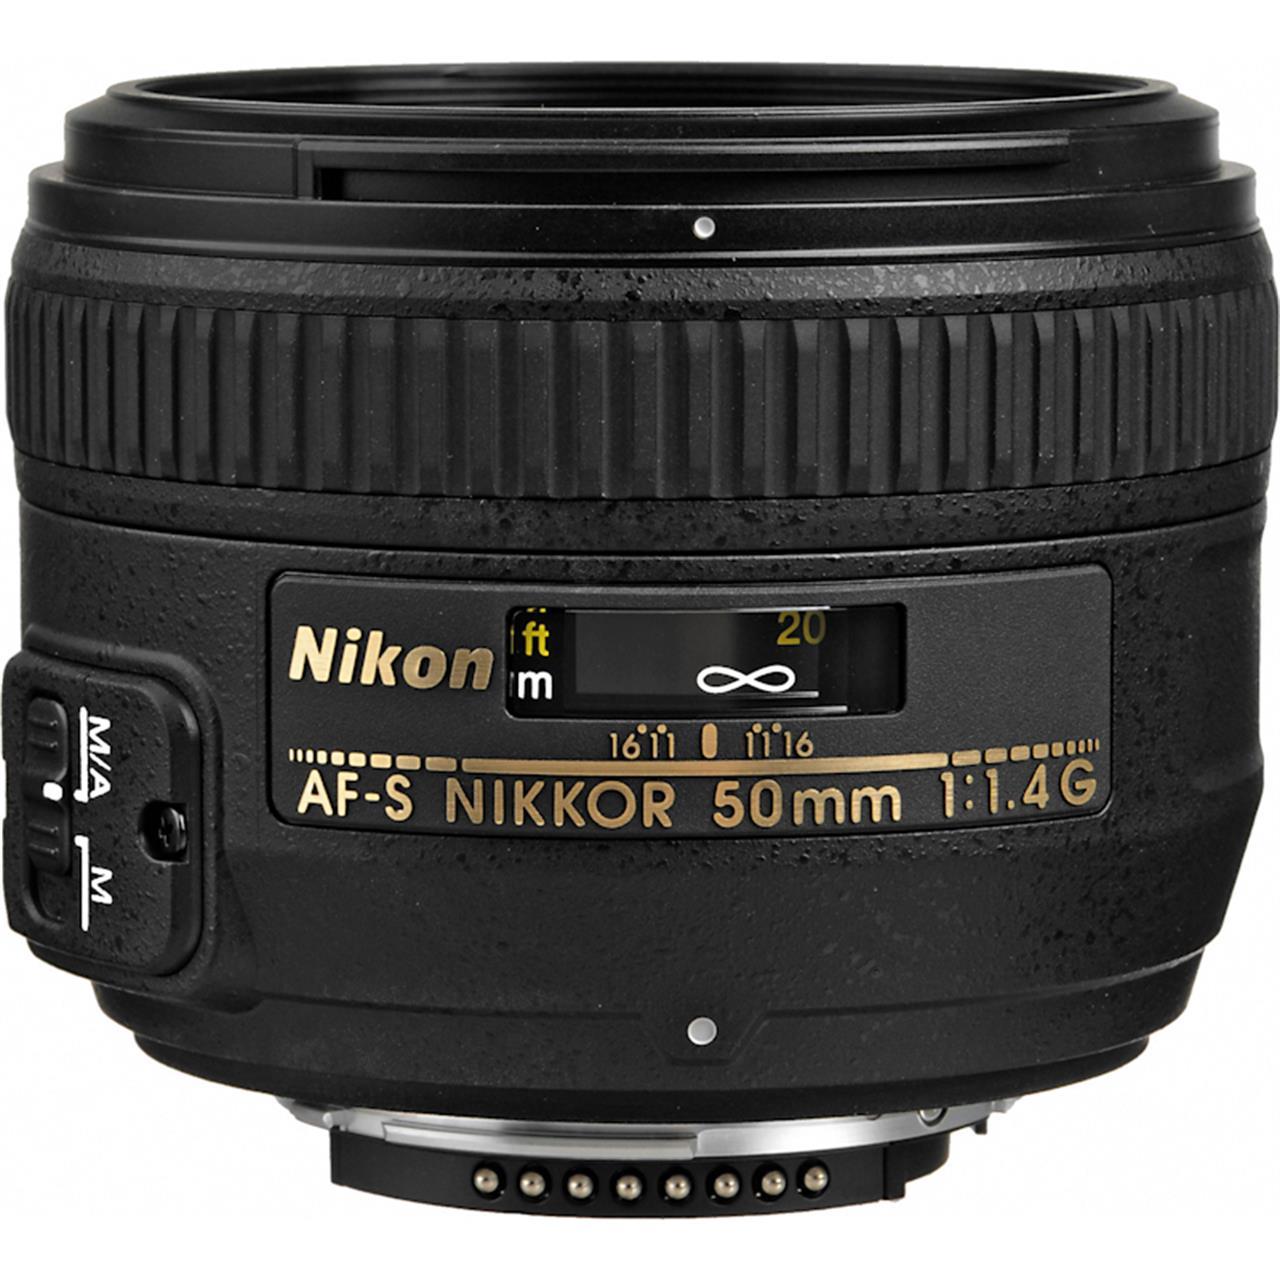 0018208021802__nikon_af-s_nikkor_50mm_f1_4g_hofma.jpg